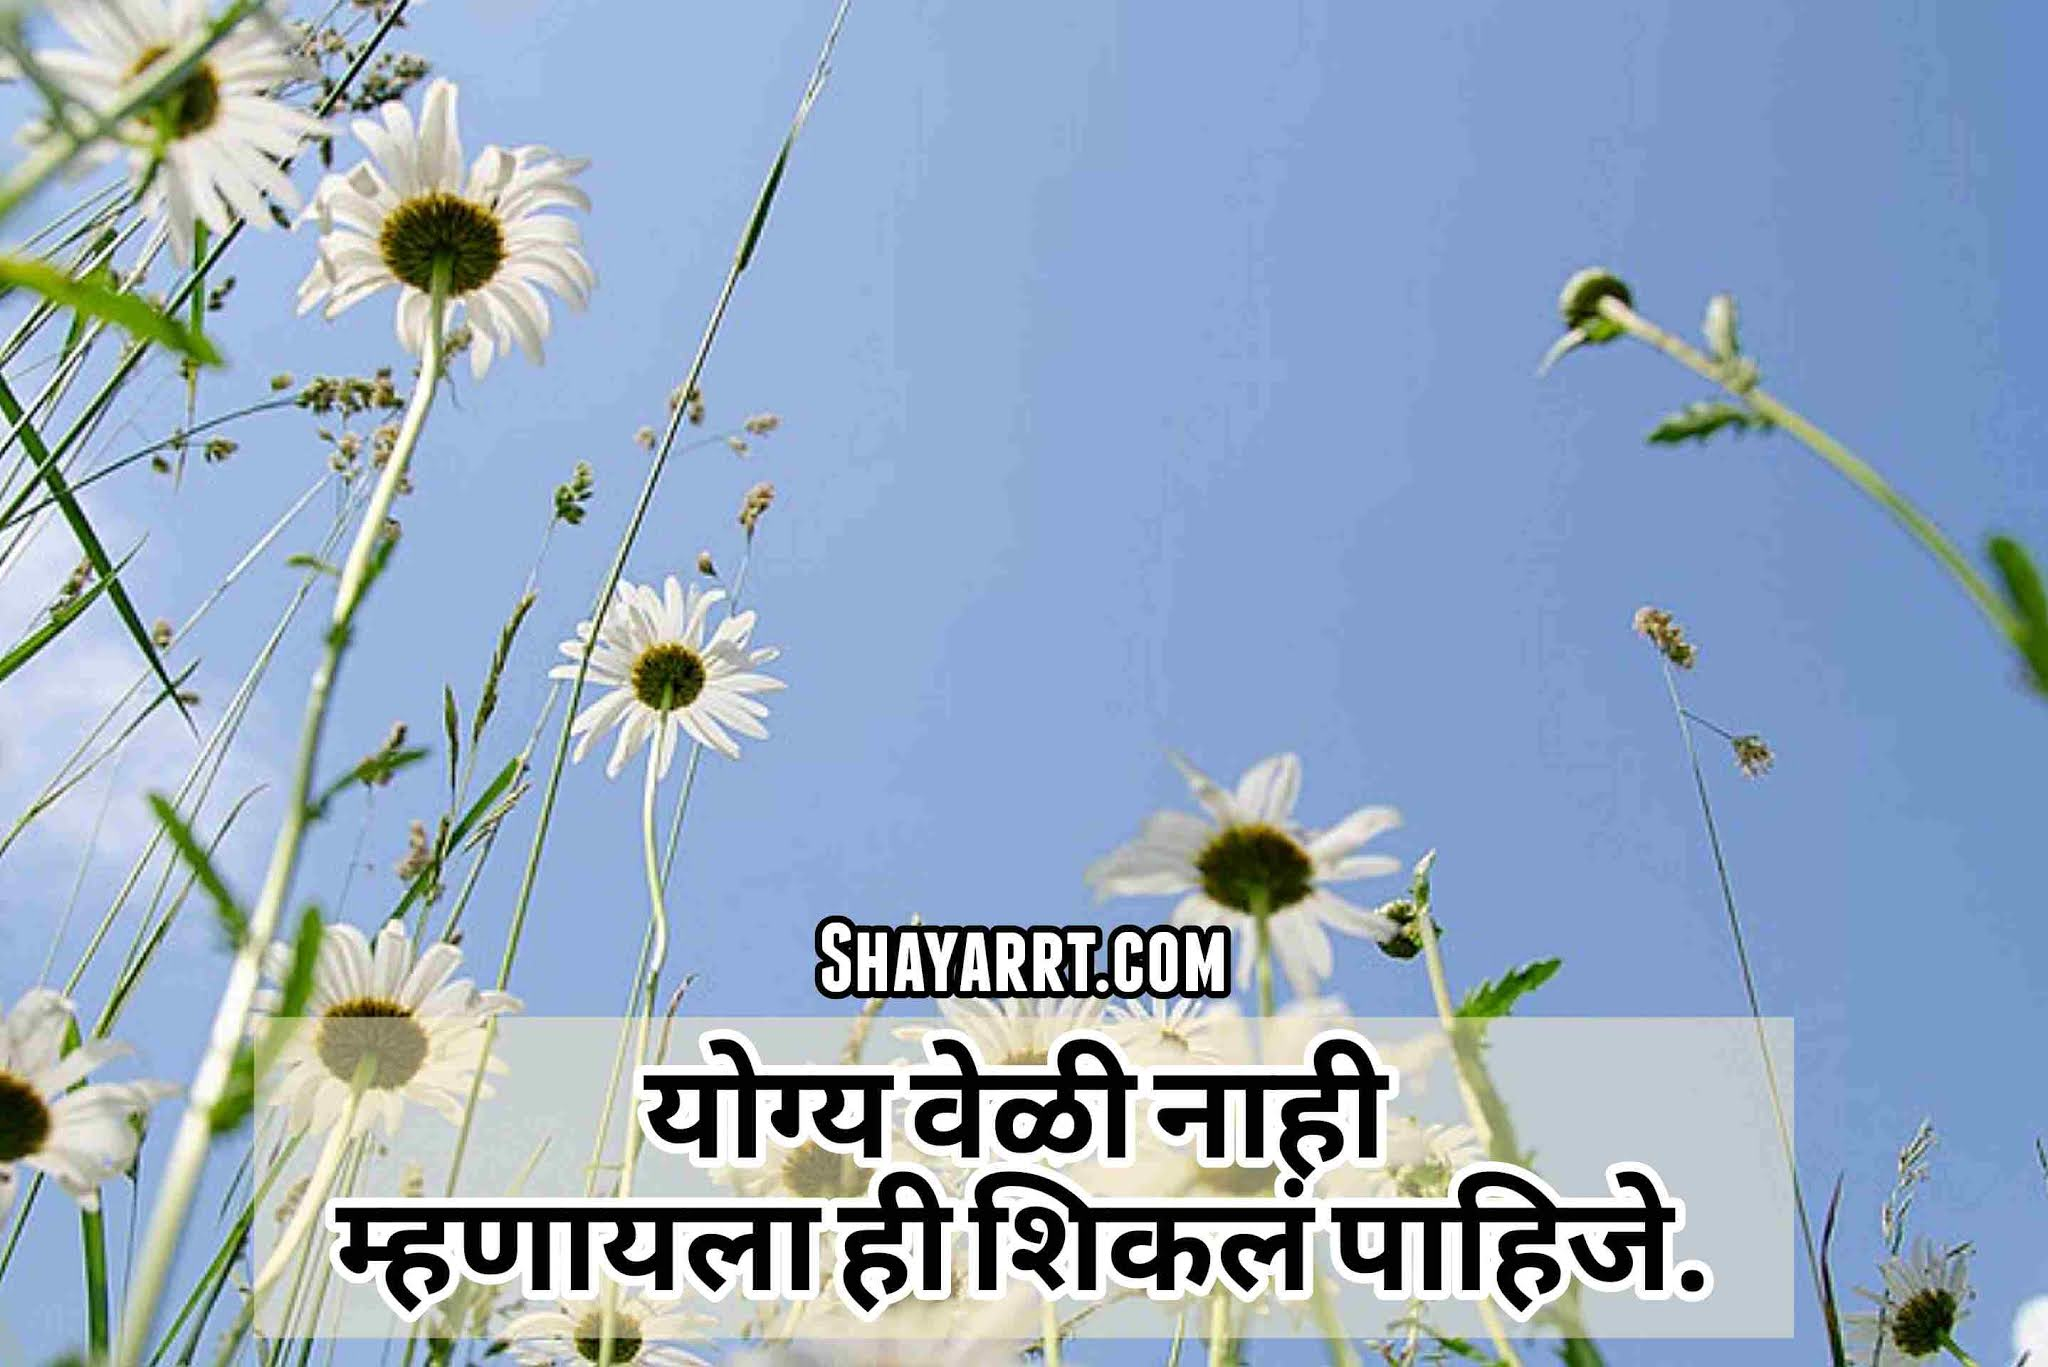 famaous marathi zindagi shayari top marathi shayari on zindagi 2021